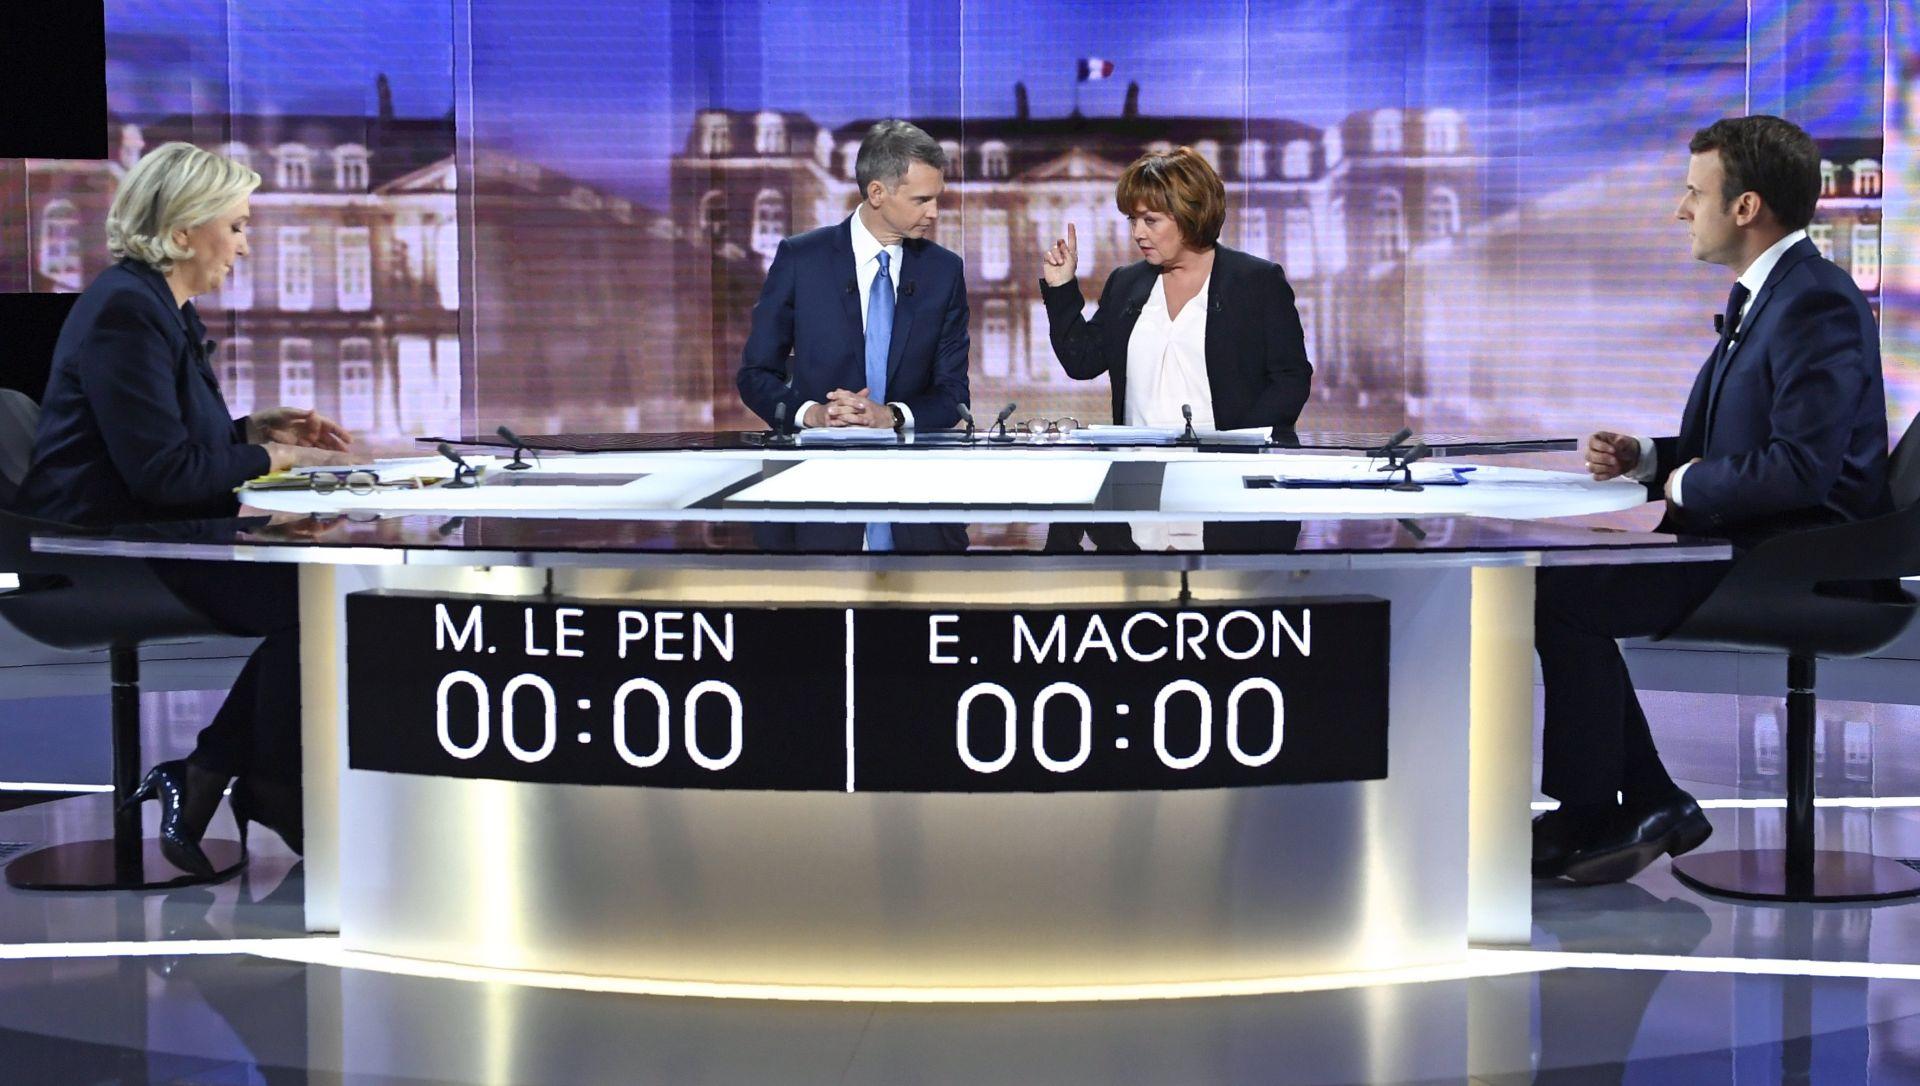 Francuska u nedjelju bira između Macrona i Le Pen